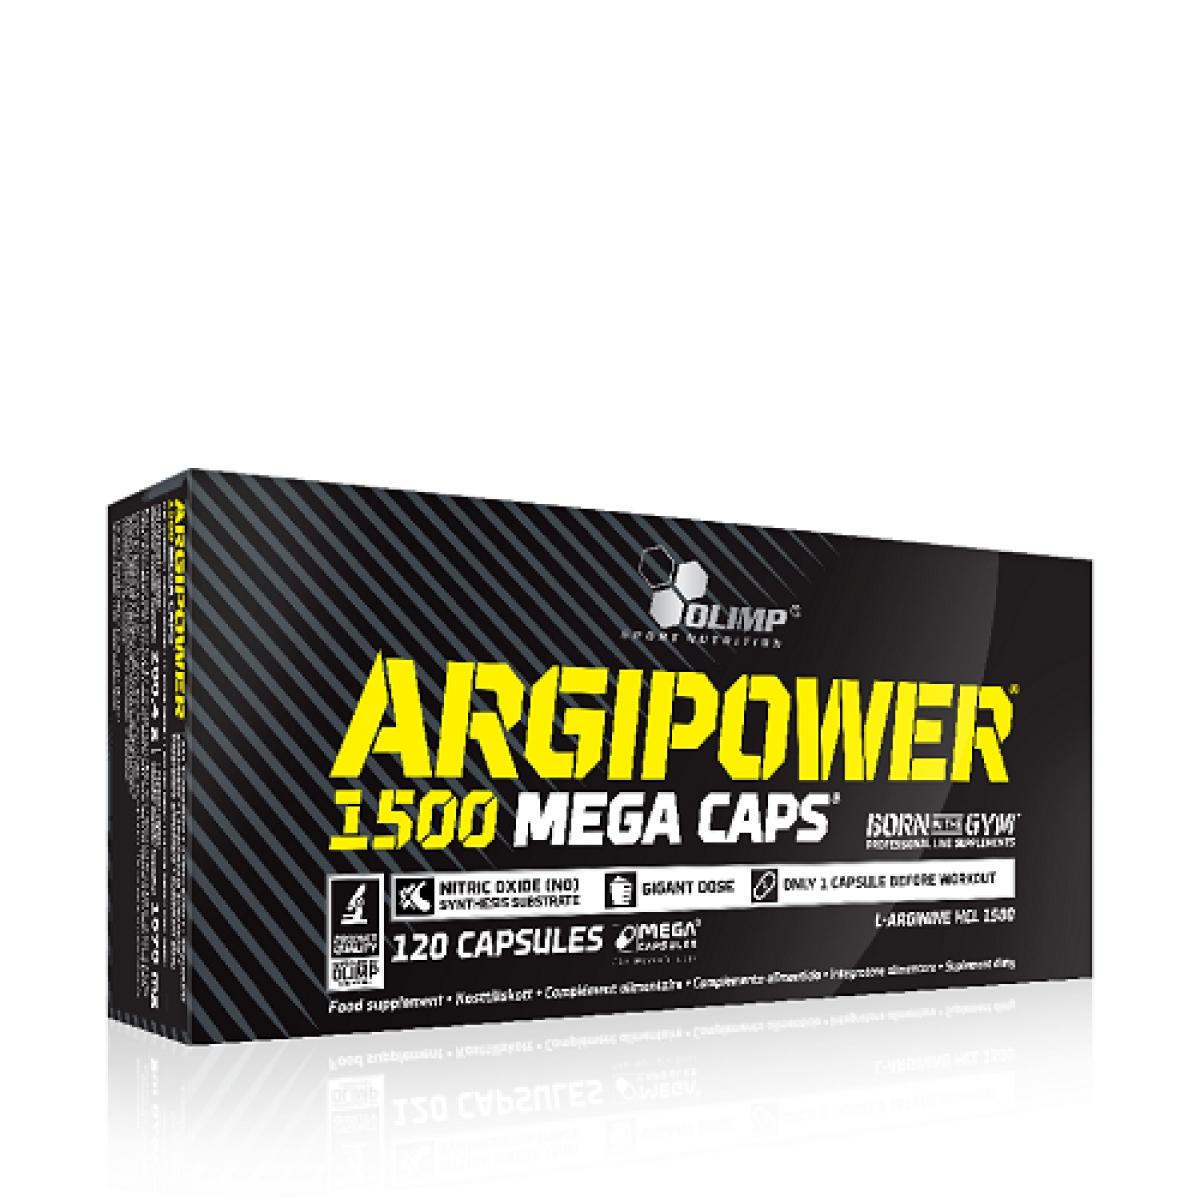 ARGIPOWER 1500 MEGA CAPS, 120 CAPSULES